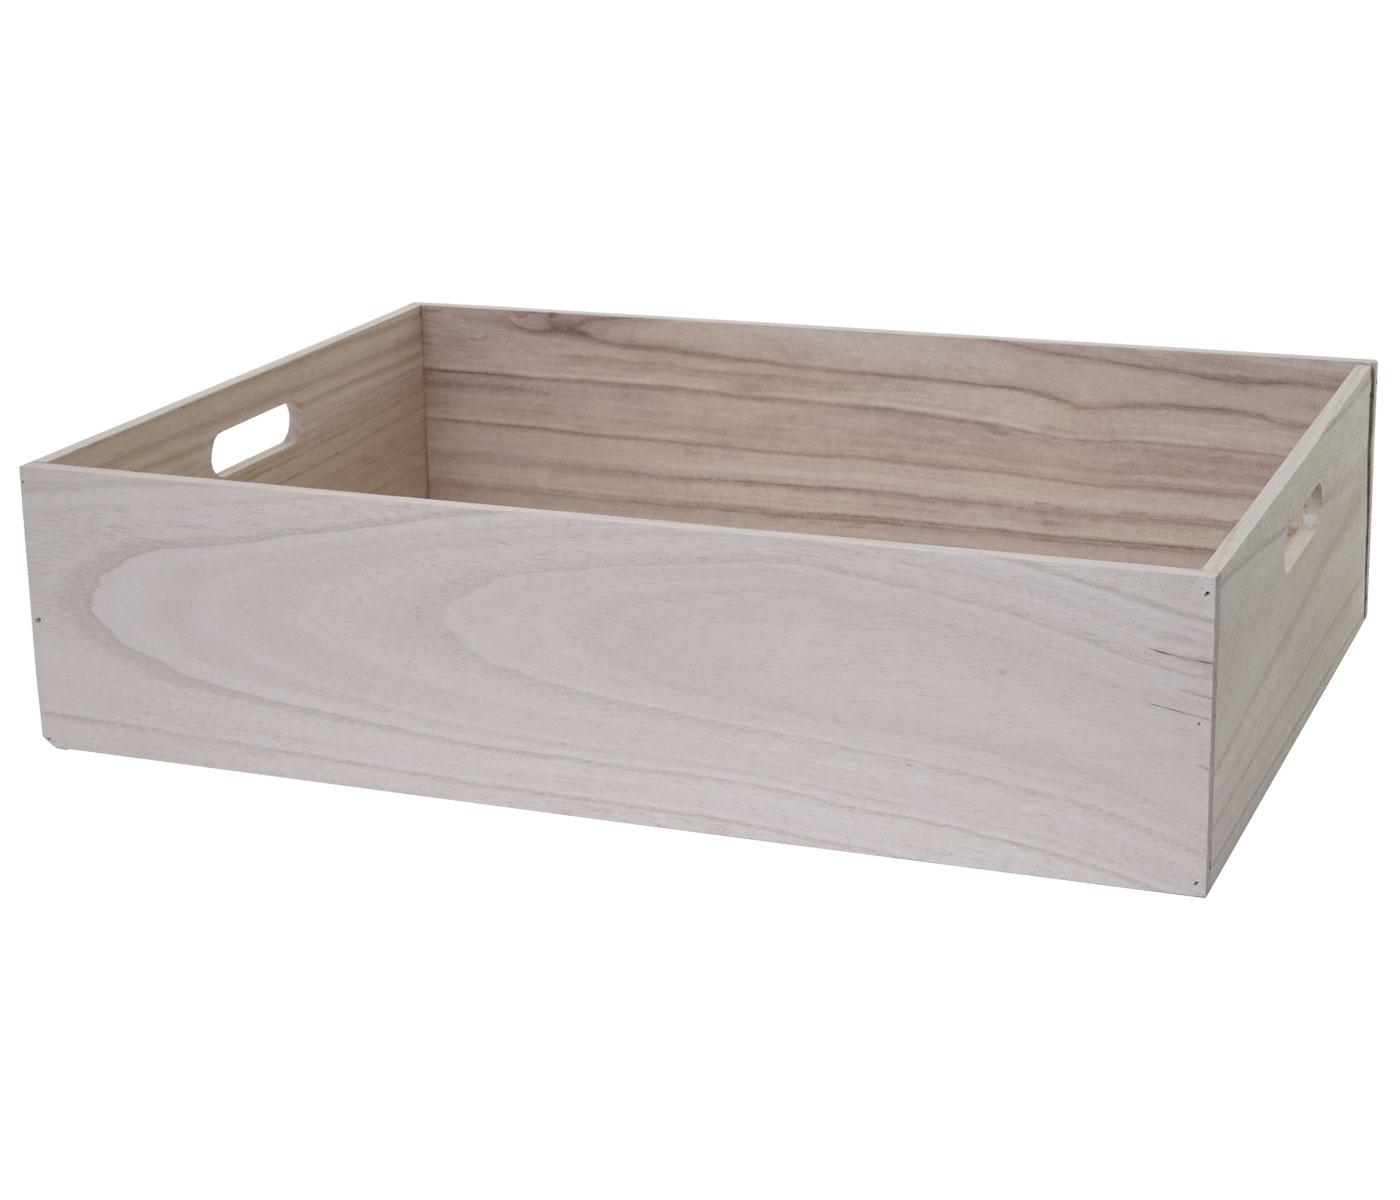 Box 60x40x15cm